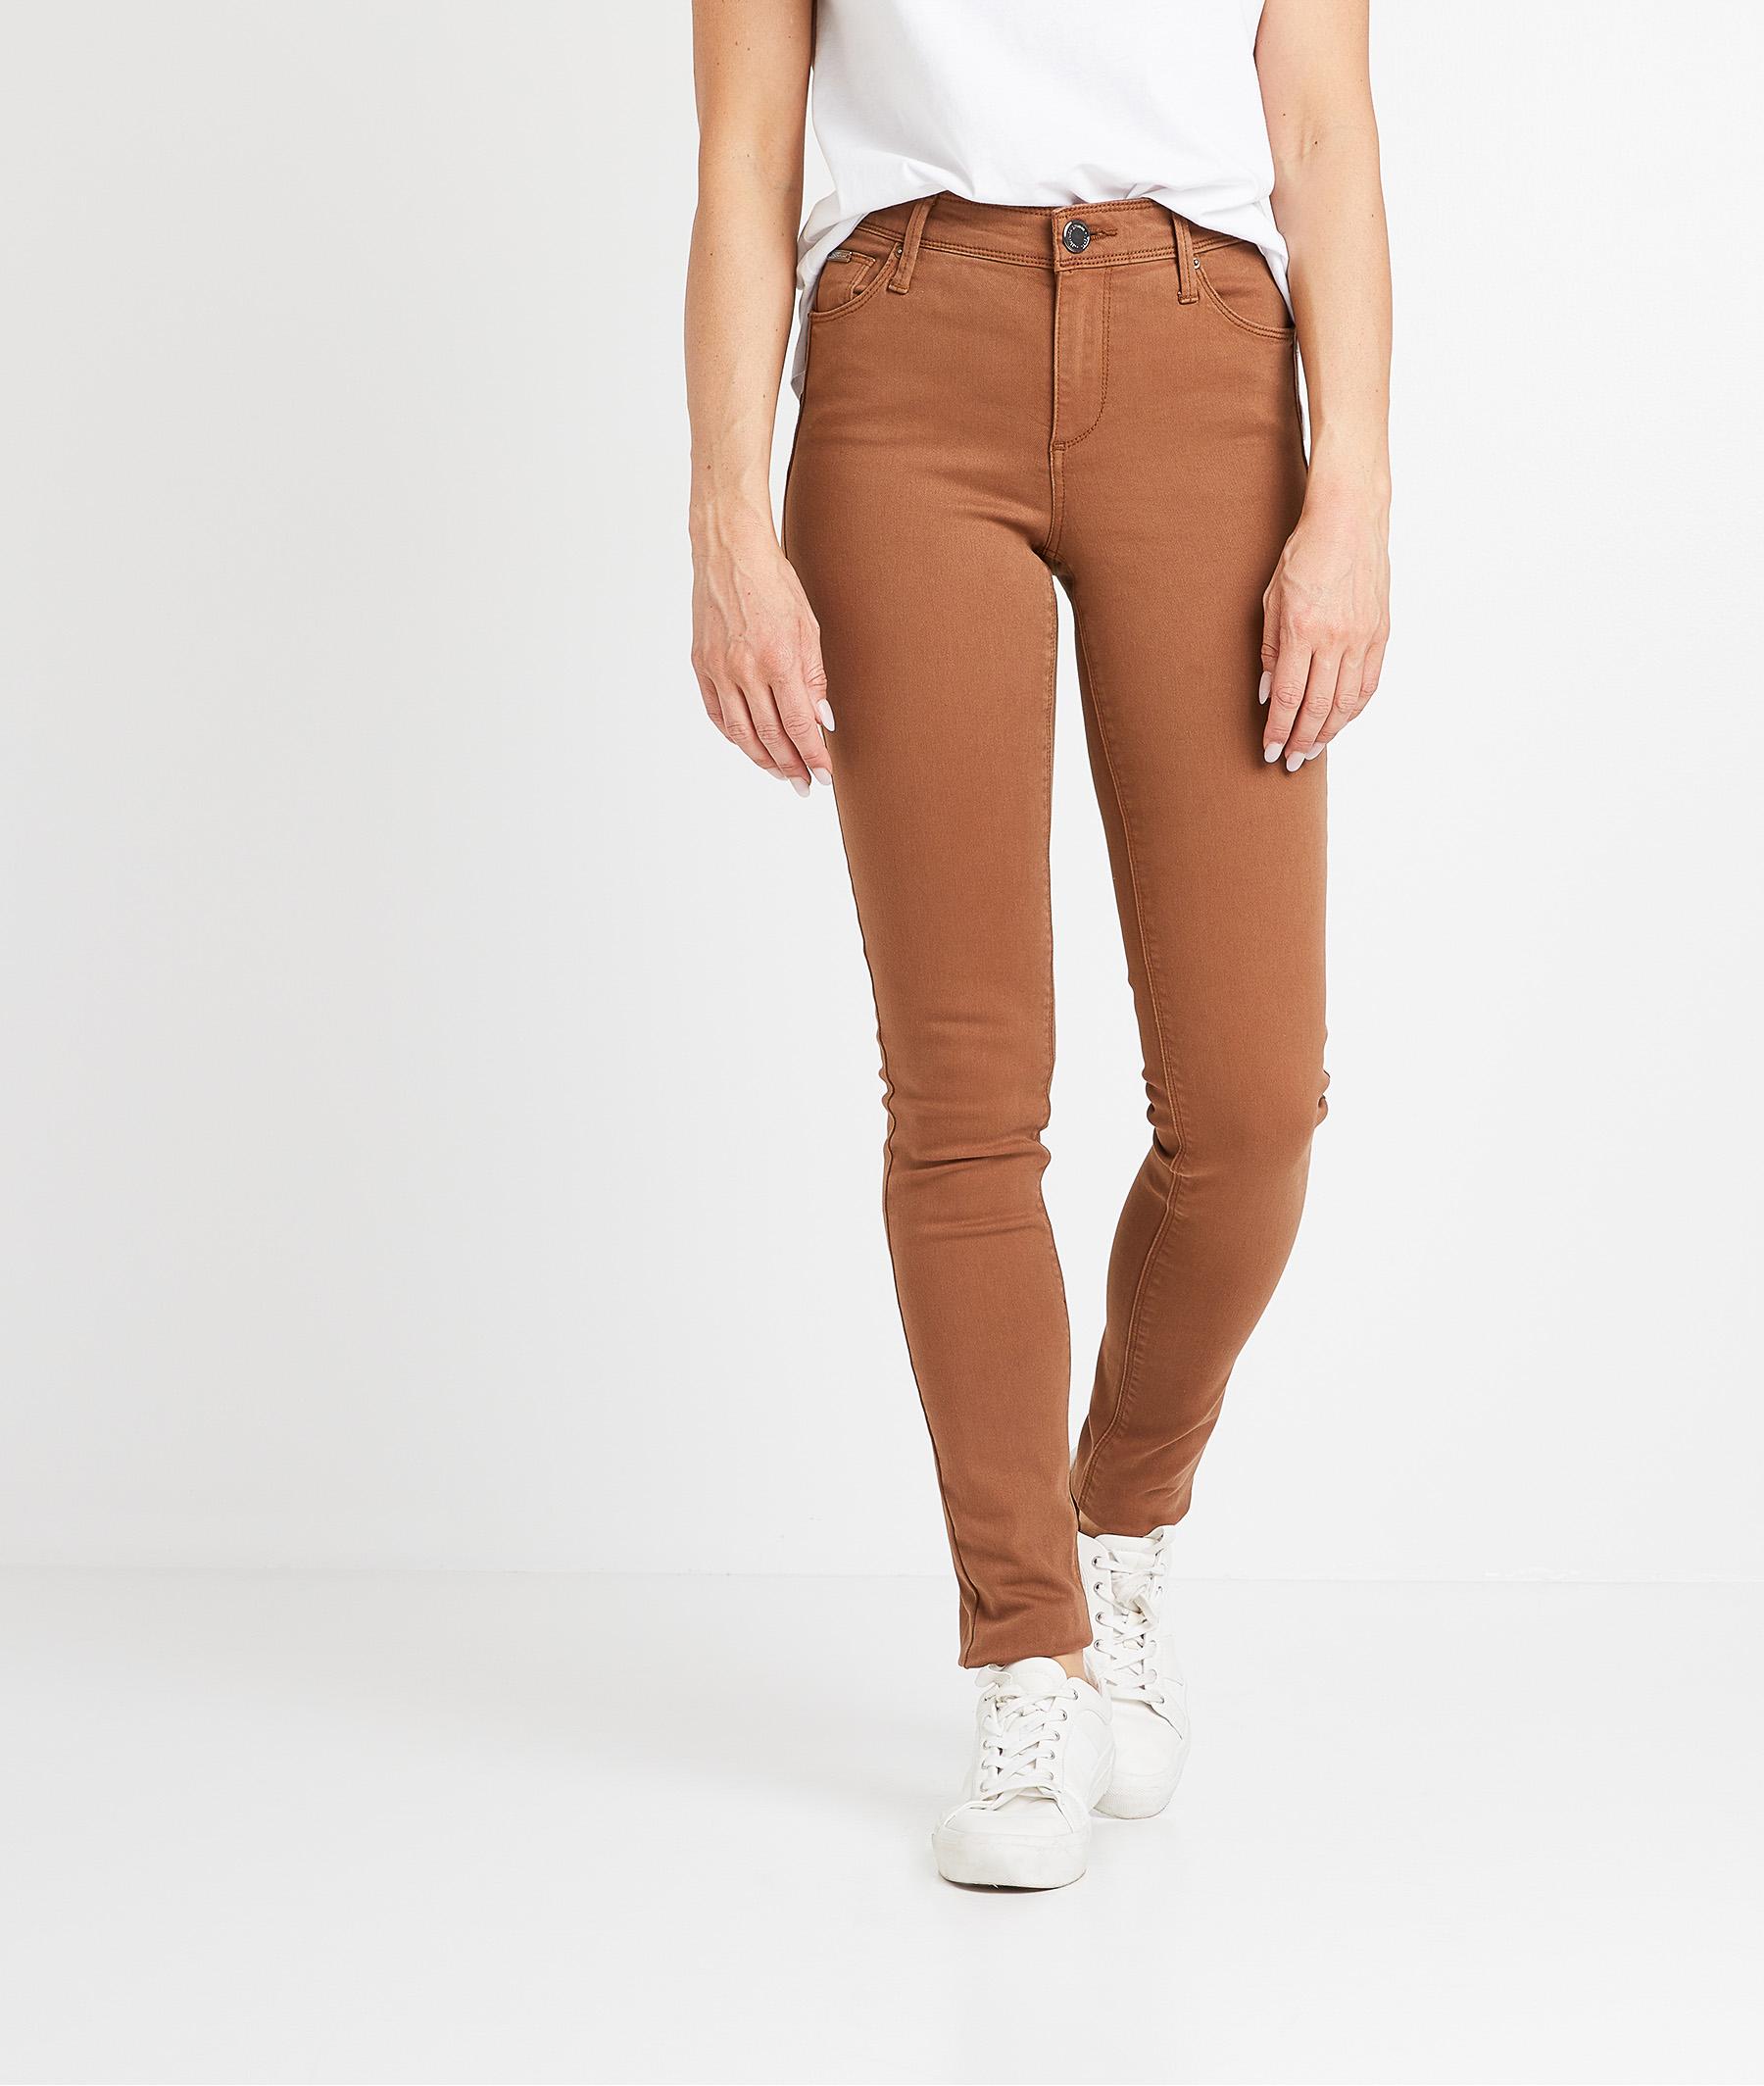 Pantalon flim push up coloré femme CARAMEL